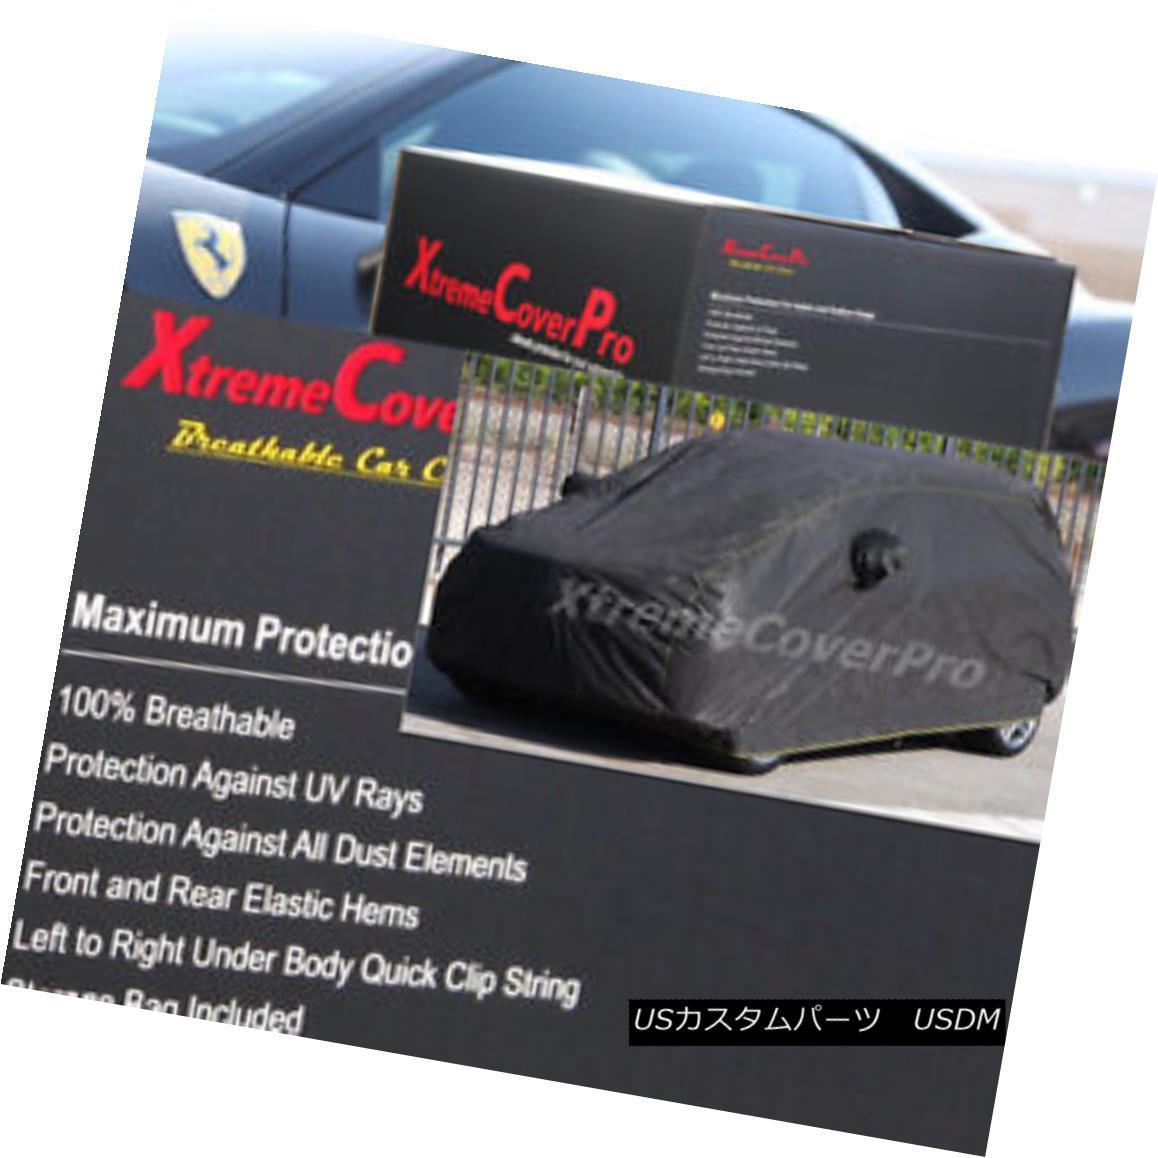 カーカバー BREATHABLE CAR COVER W/MIRRORPOCKET-BLACK FOR 2018 2017 HYUNDAI SANTA FE SPORT 2018年のブレイクバックカーカバー/ミラーポケット -BLACK 2017 HANDAI SANTA FE SPORT